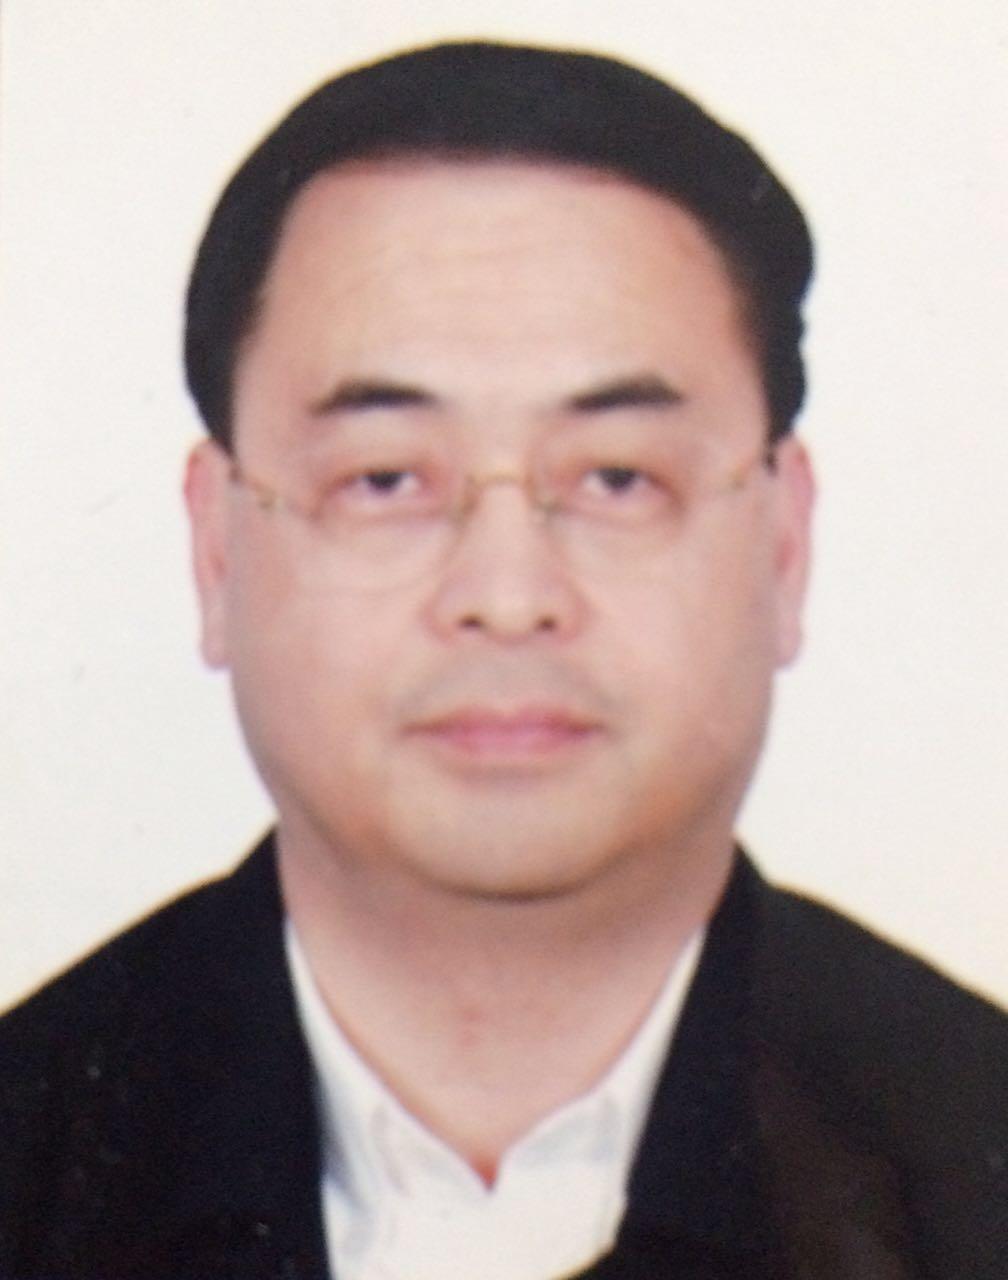 孟丹林(战略顾问)